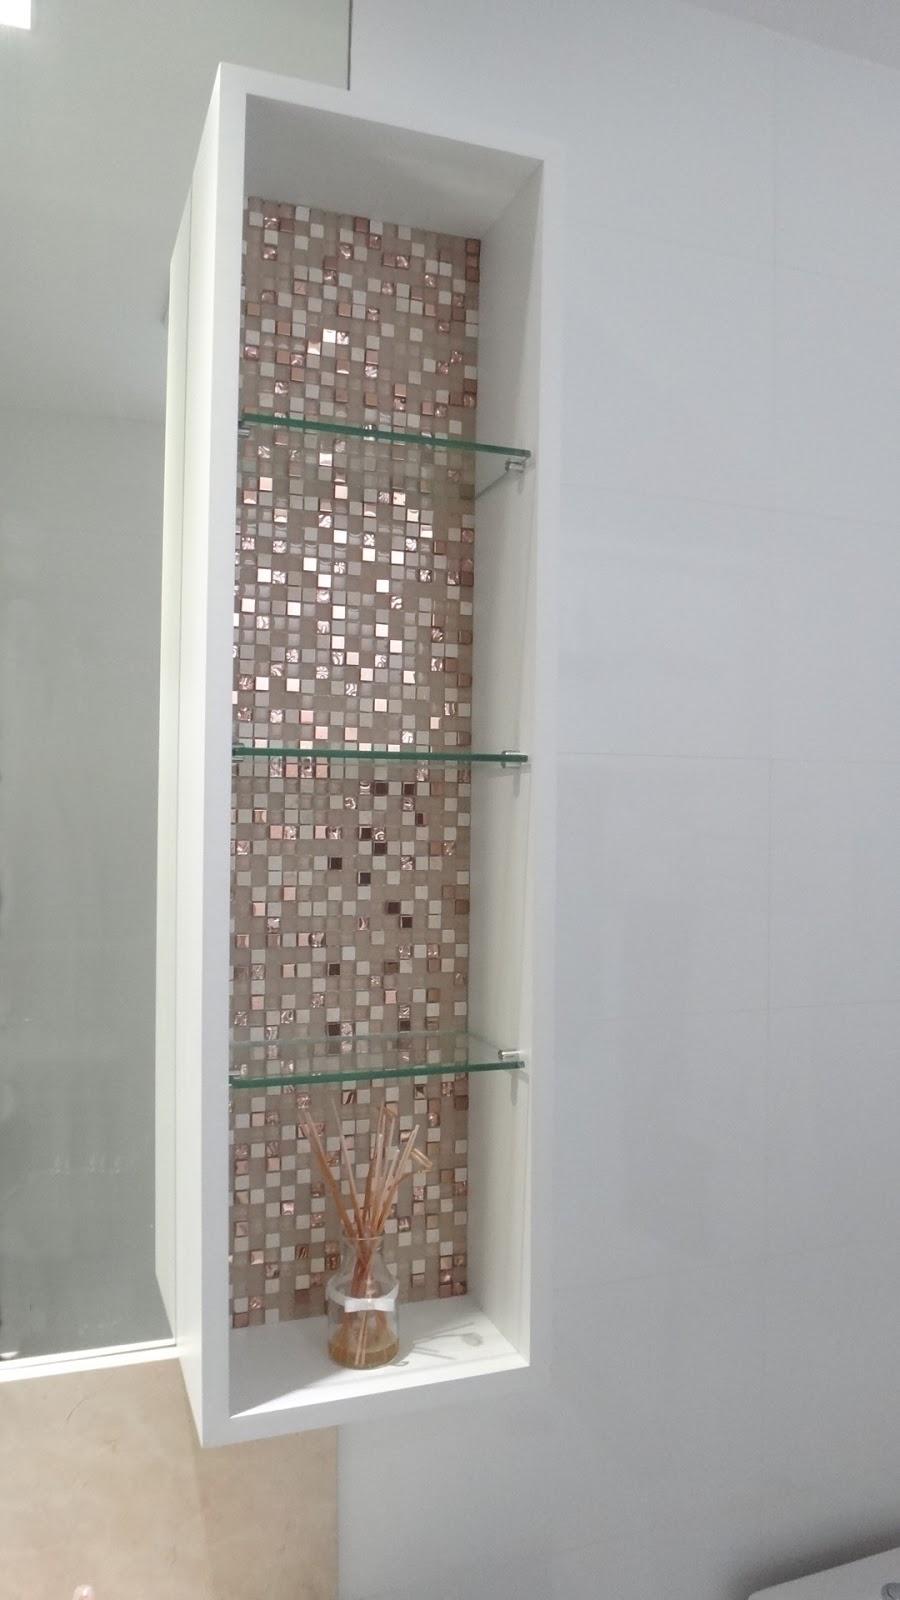 Belenetto  Marcenaria Personalizada Banheiro  portas espelhadas e detalhe  -> Banheiro Com Detalhe Em Pastilha De Vidro